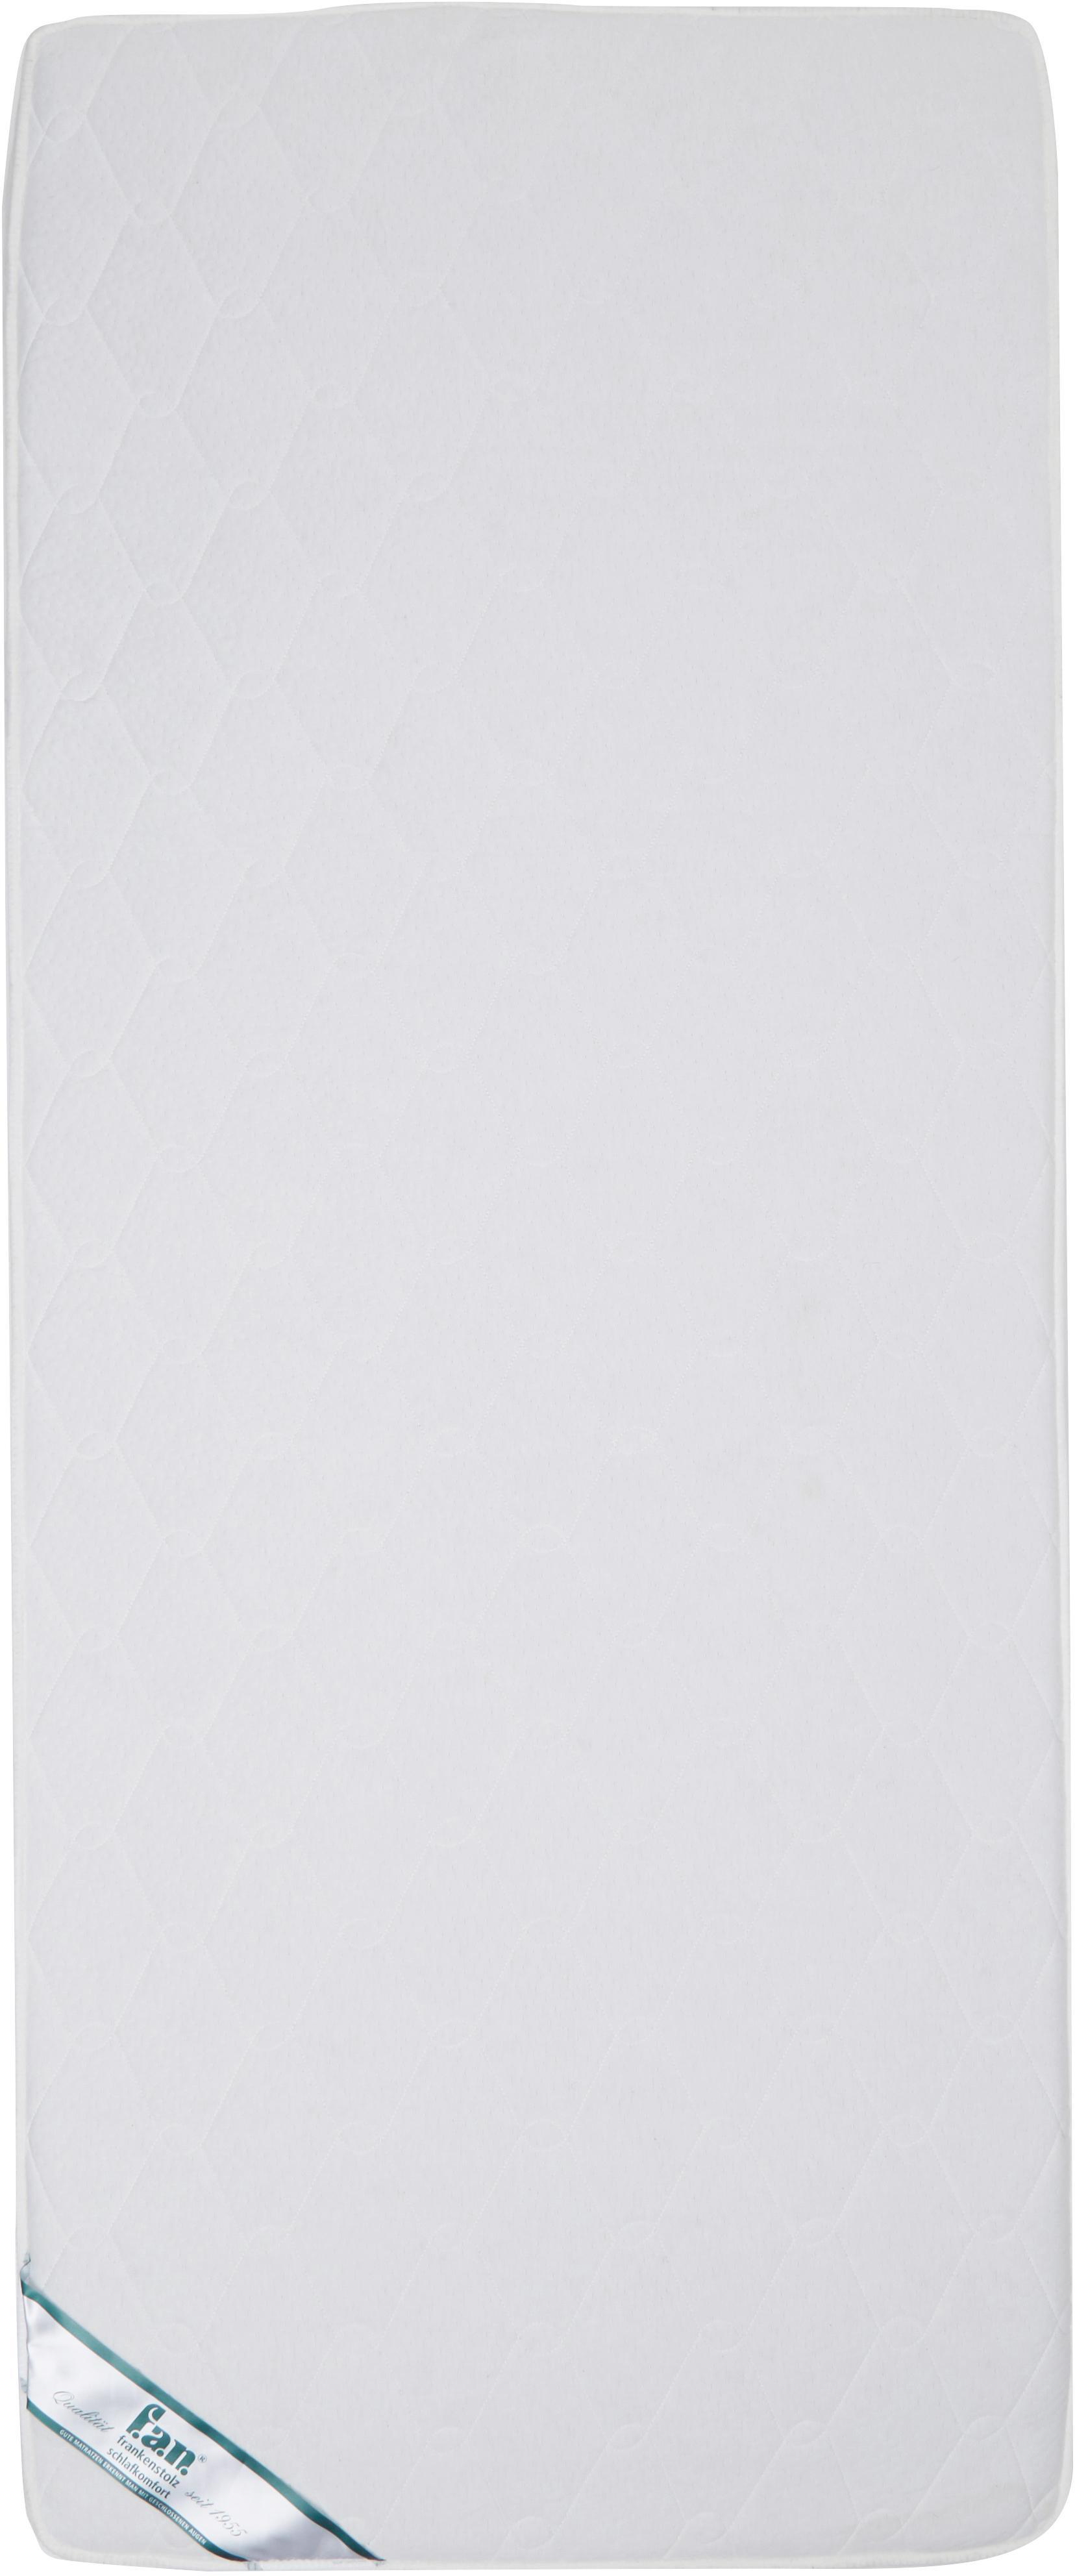 Tonnentaschenfederkern-Matratze Happy, Bezug: Doppeljersey (100% Polyes, Oberseite: ca. 200 g/m² klimaregulie, Unterseite: ca. 200 g/m² klimaregulie, Weiß, 80 x 200 cm